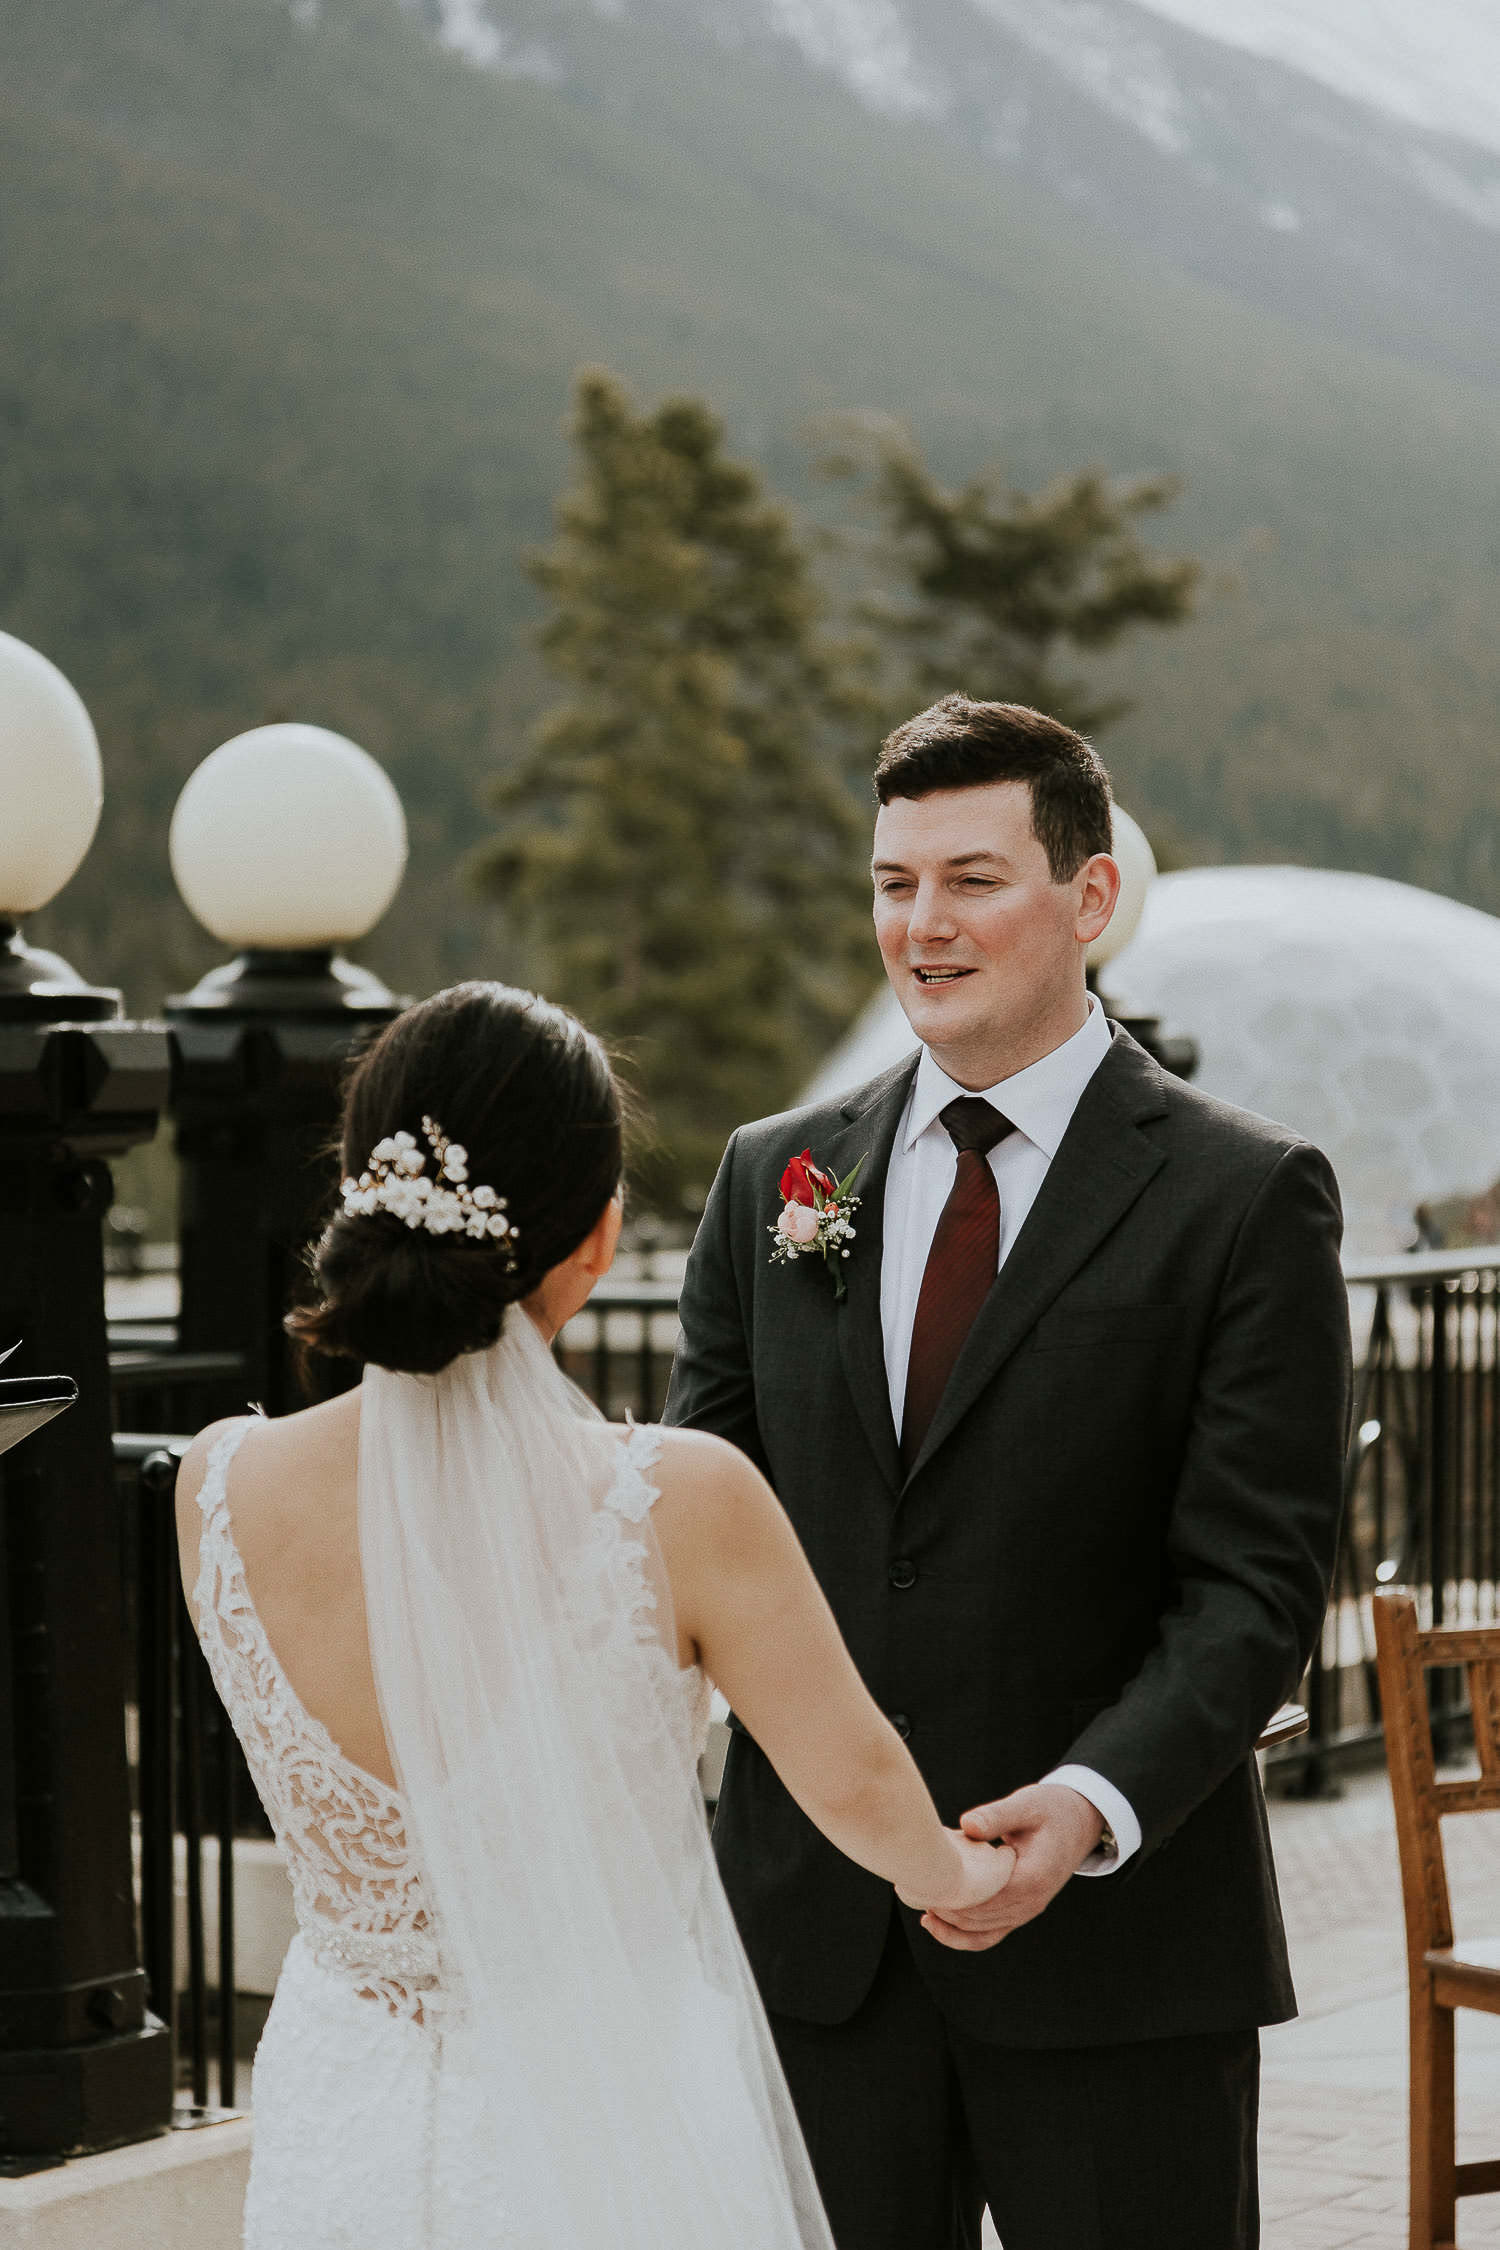 intimate-wedding-at-banff-springs-hotel-sarah-pukin-0078